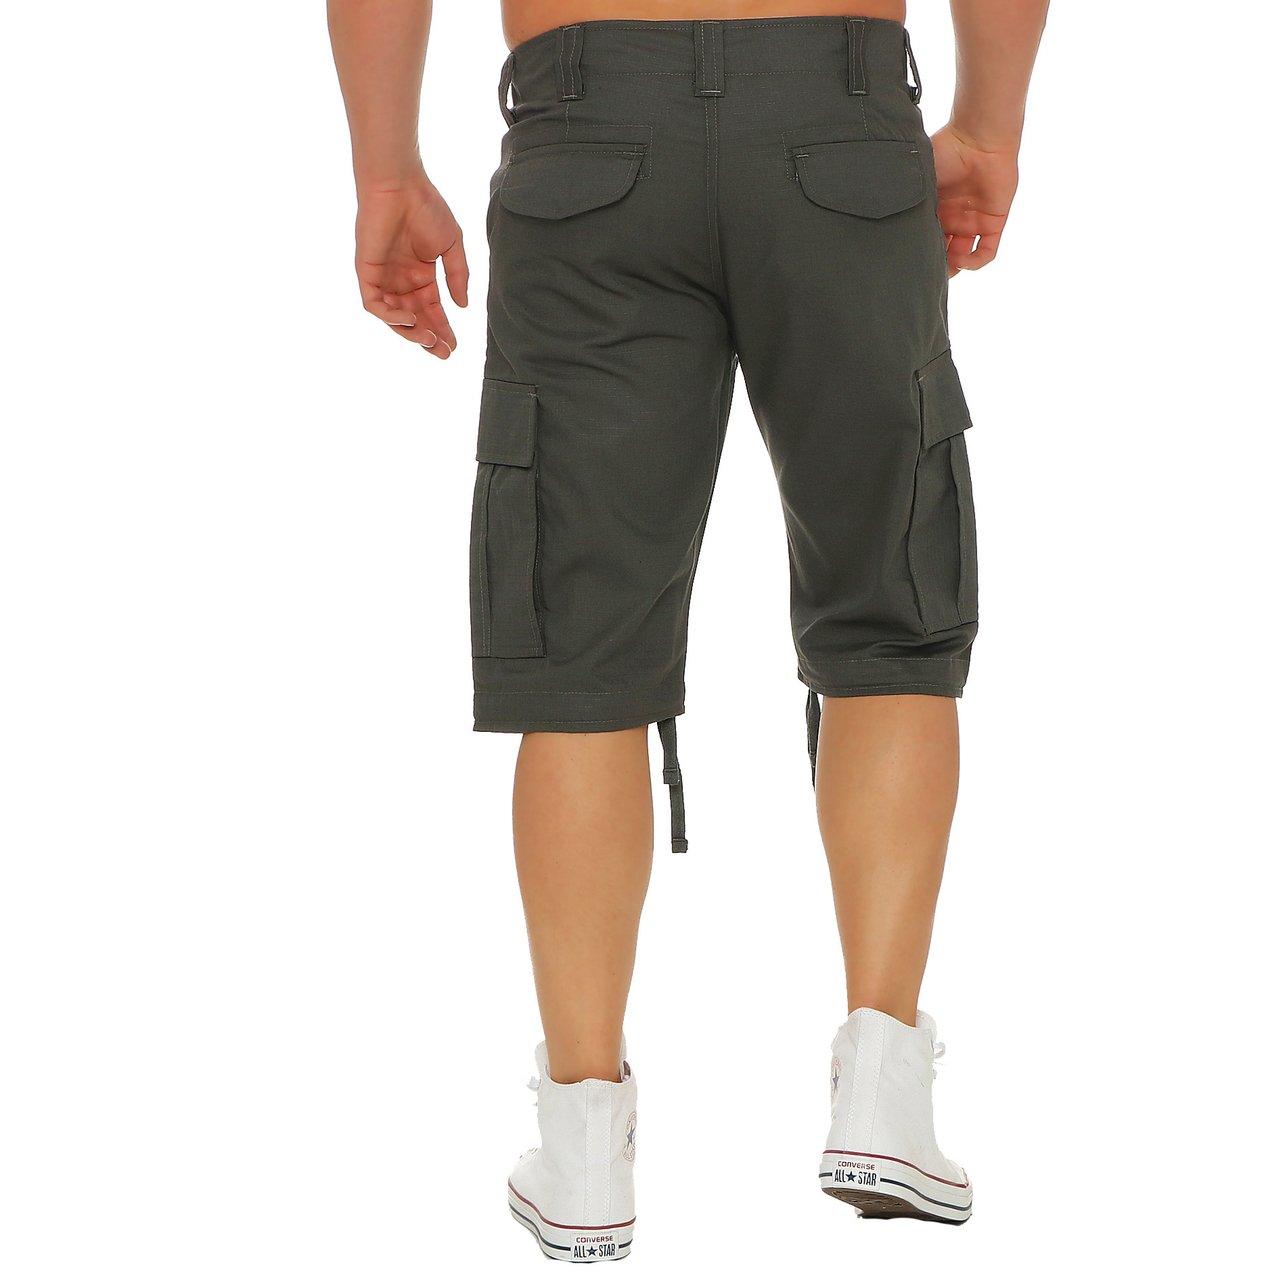 Finchman Cargo Trouser Short F1002 Herren Bermuda Kurze Hose Freizeit Shorts:  Amazon.de: Bekleidung